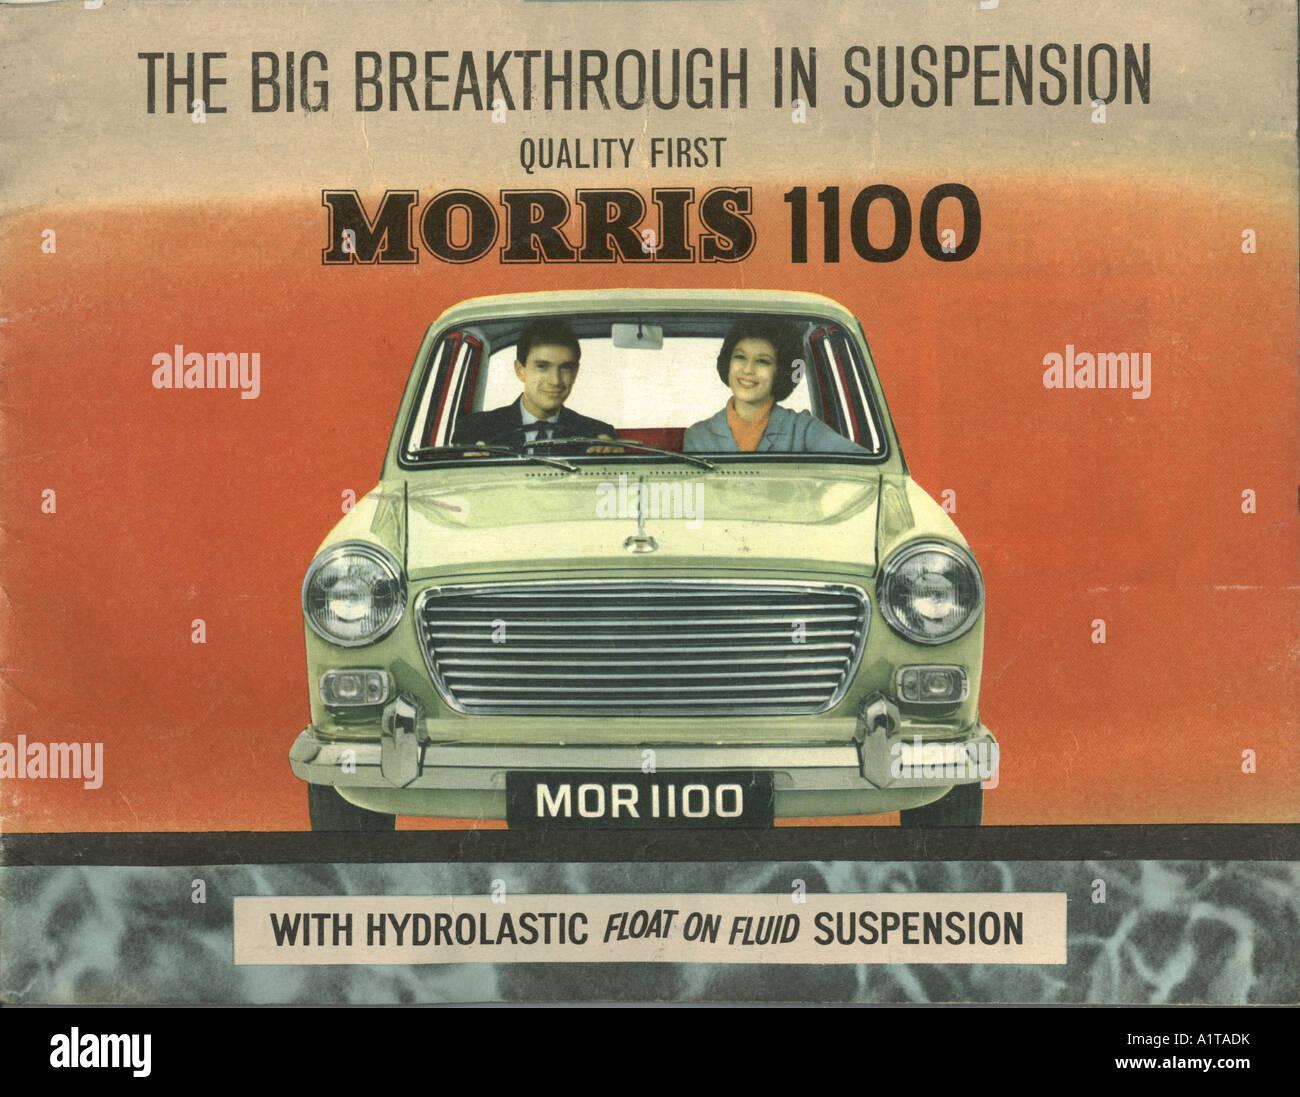 Folleto publicitario de Morris 1100 1963 Imagen De Stock